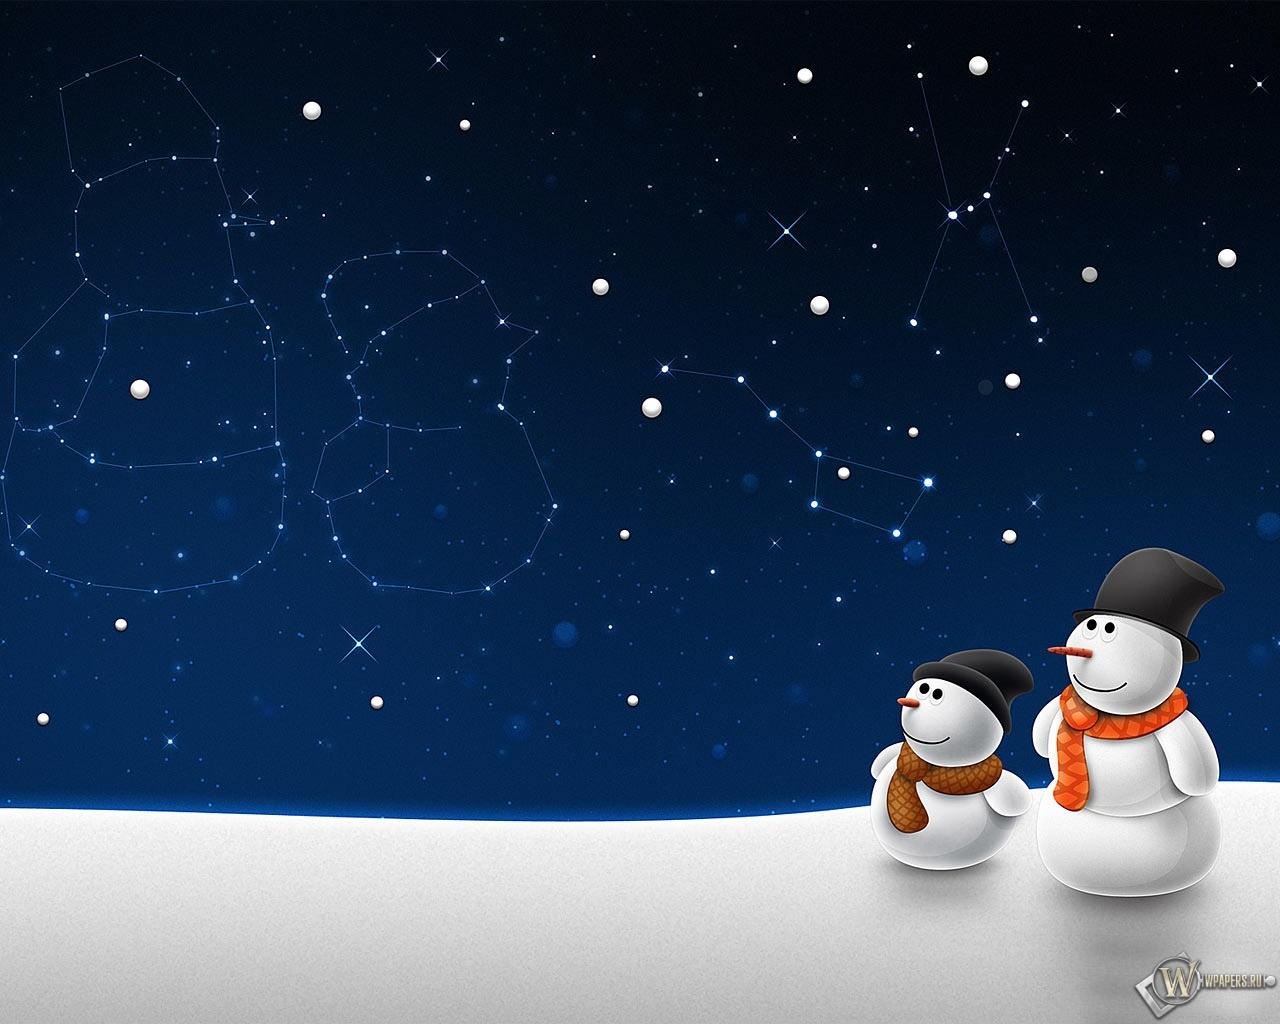 Снеговики 1280x1024